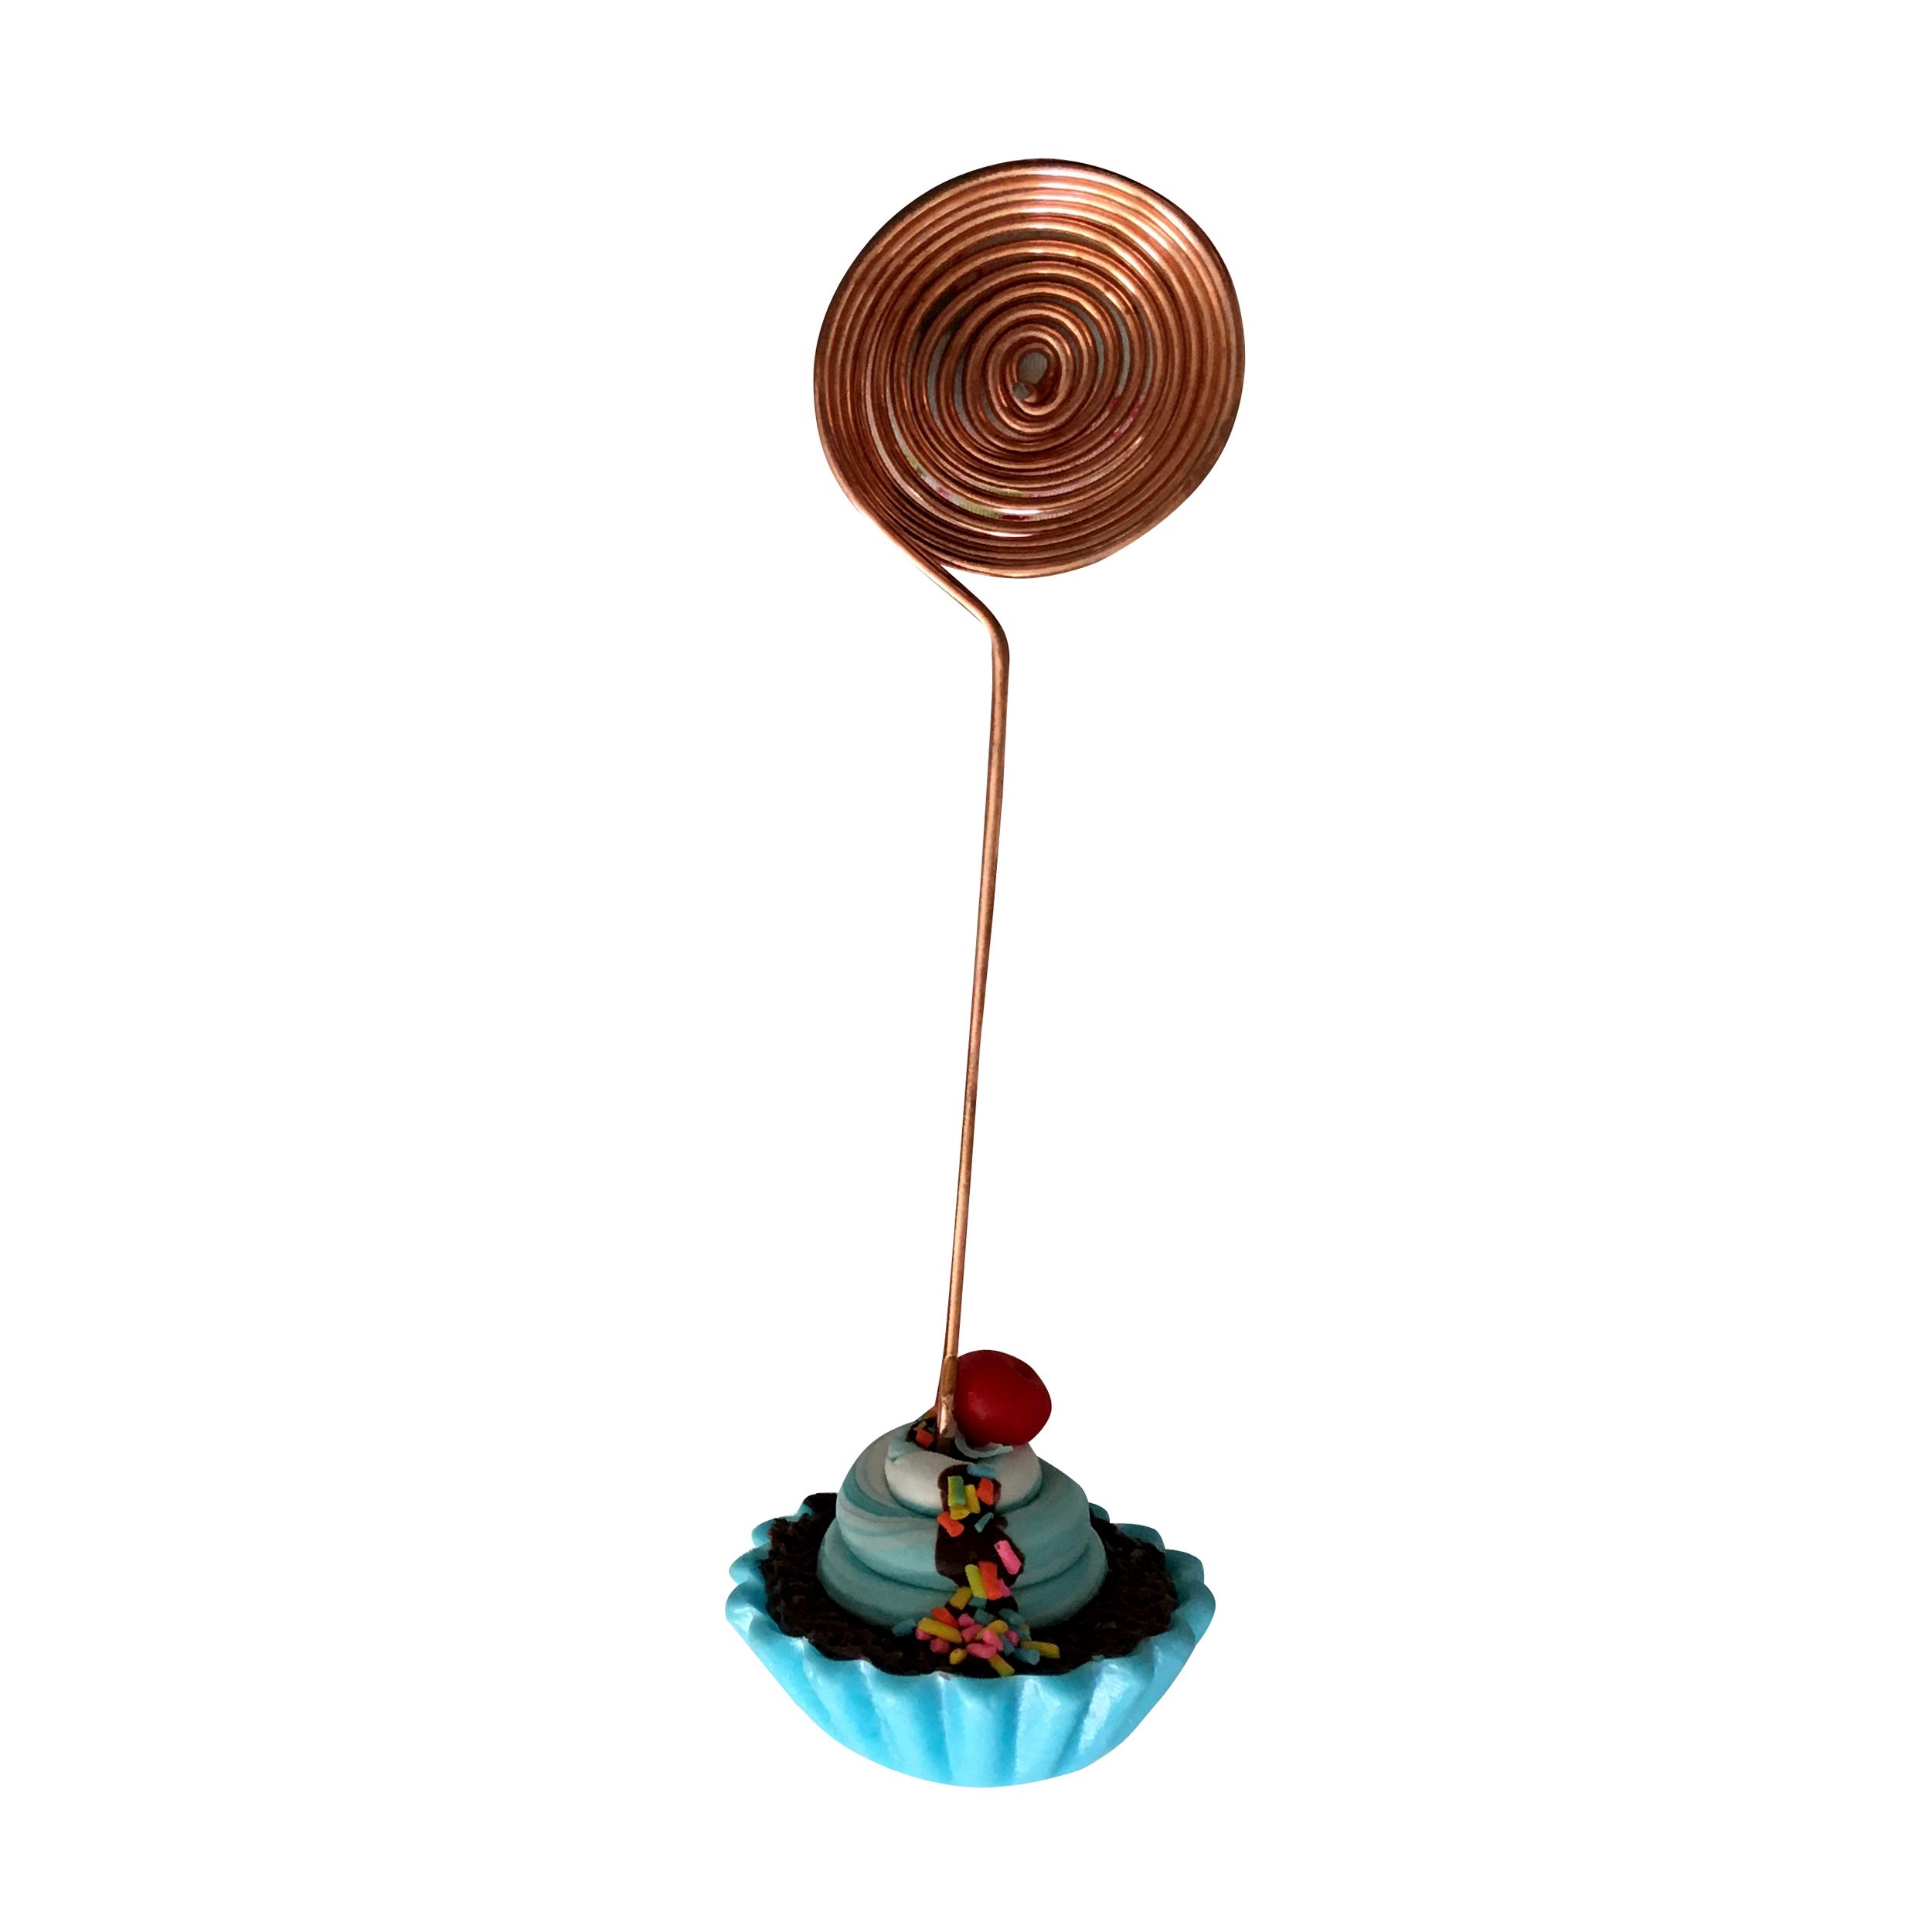 اسپند دودکن مدل کاپ کیک